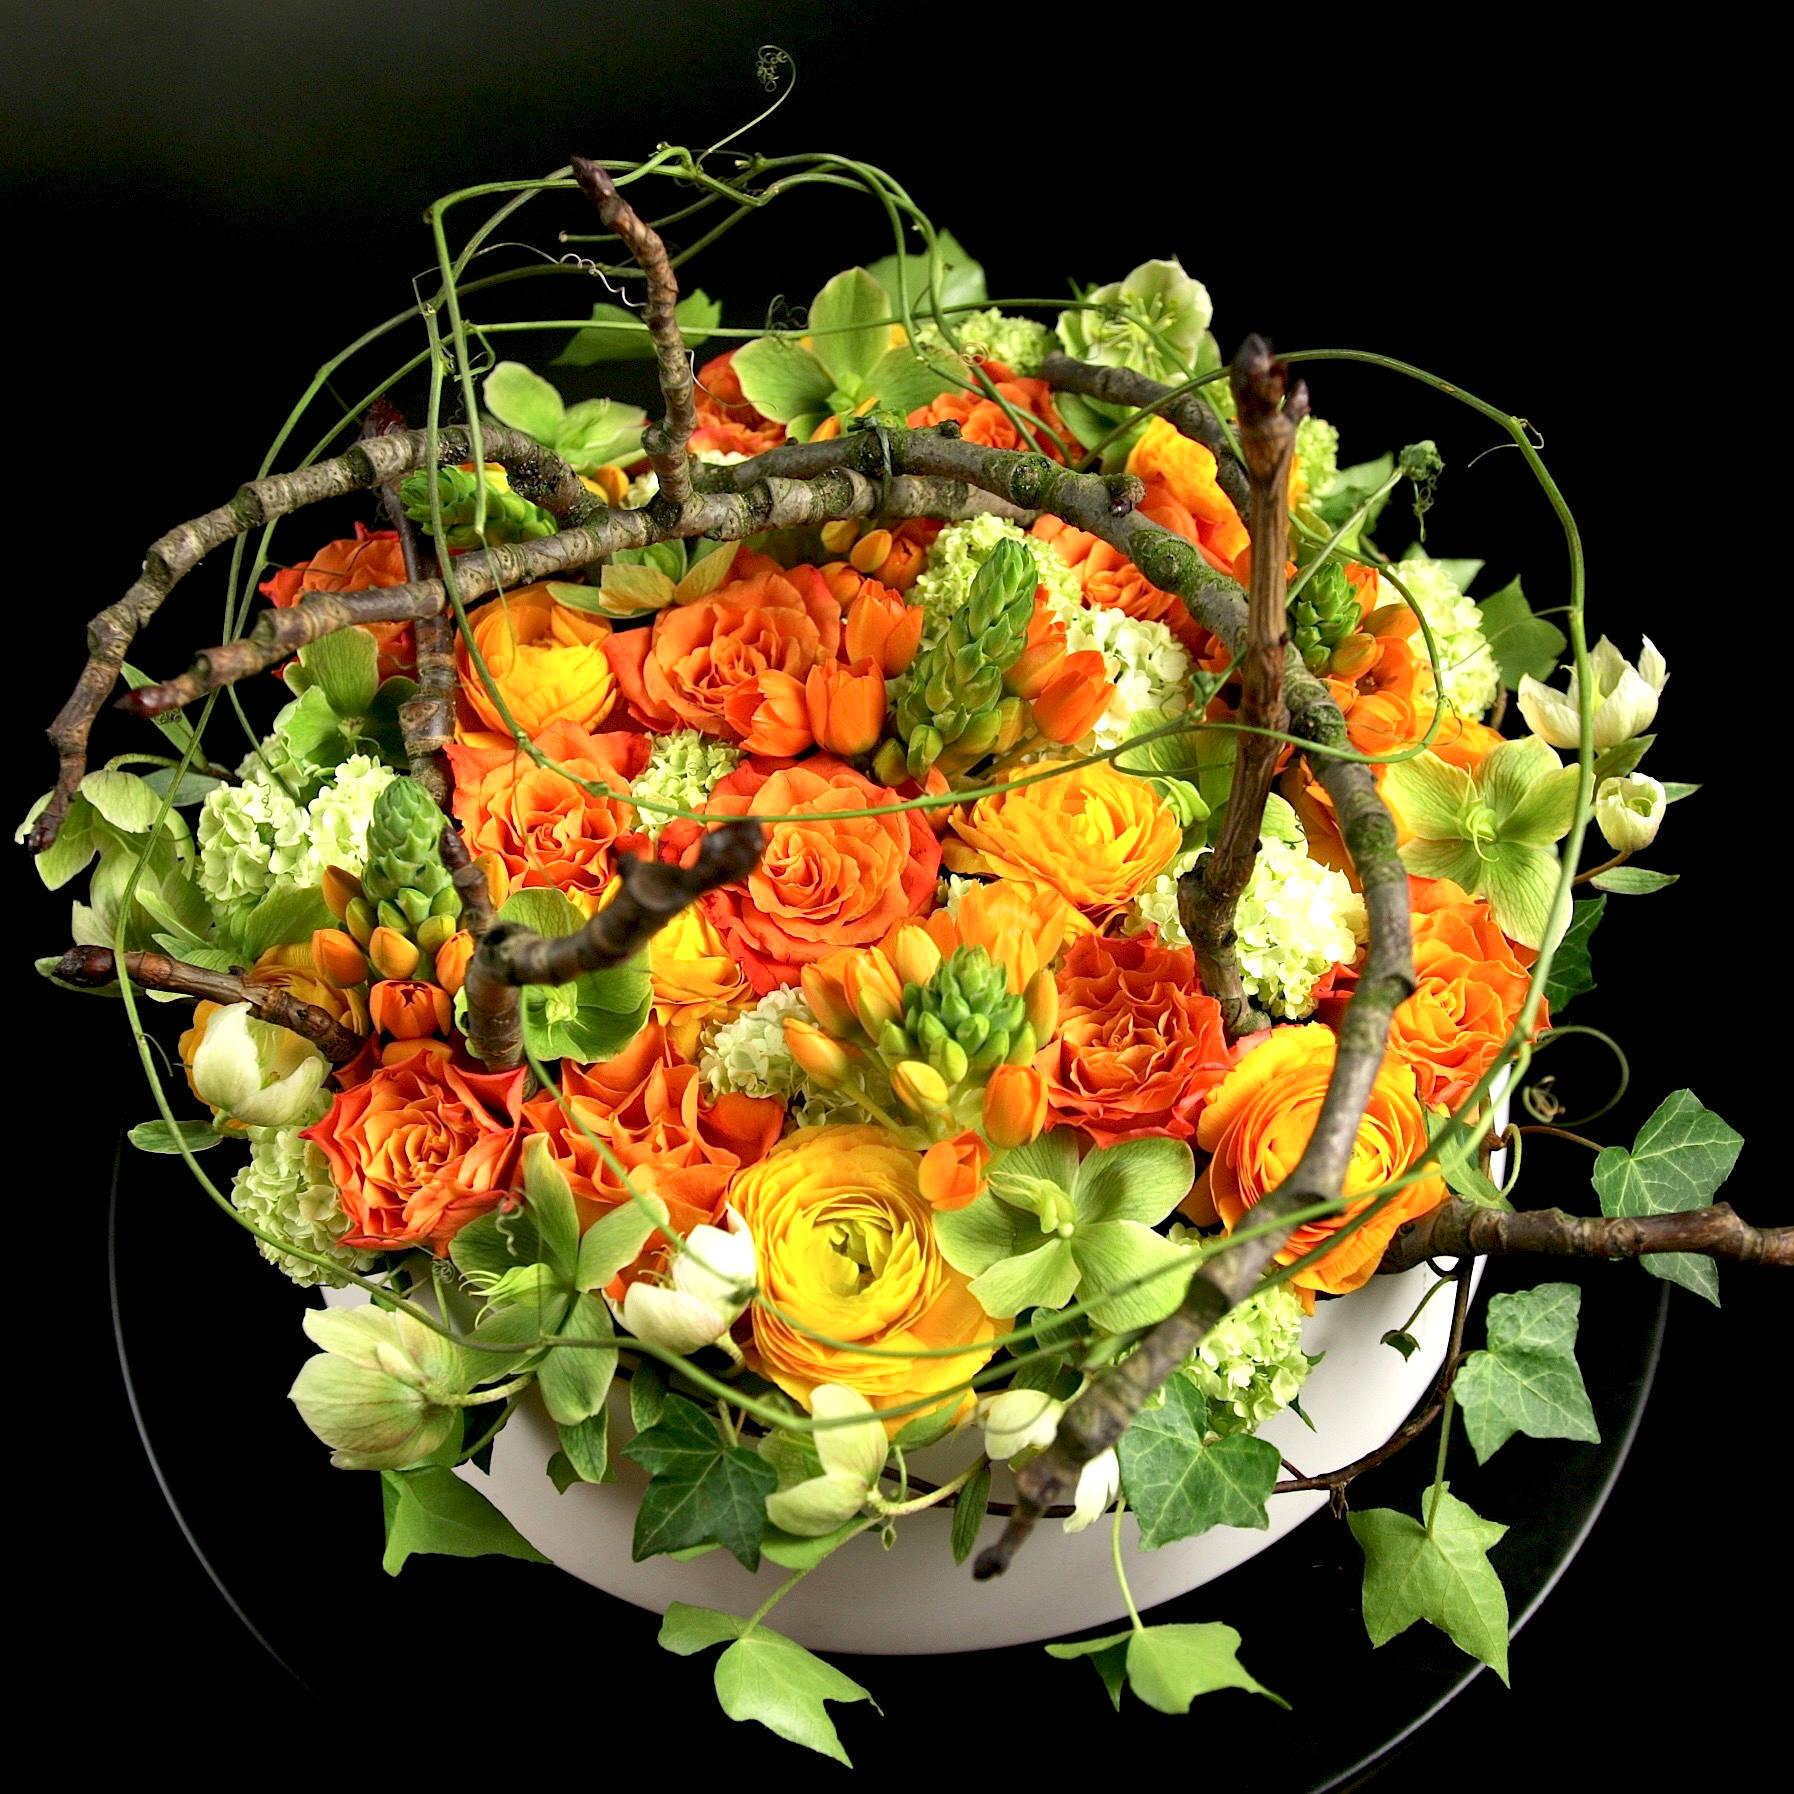 e207525fe91249c6a6cb_42e6db867ba7b6e5896a_sahola_summit_flowers.jpg